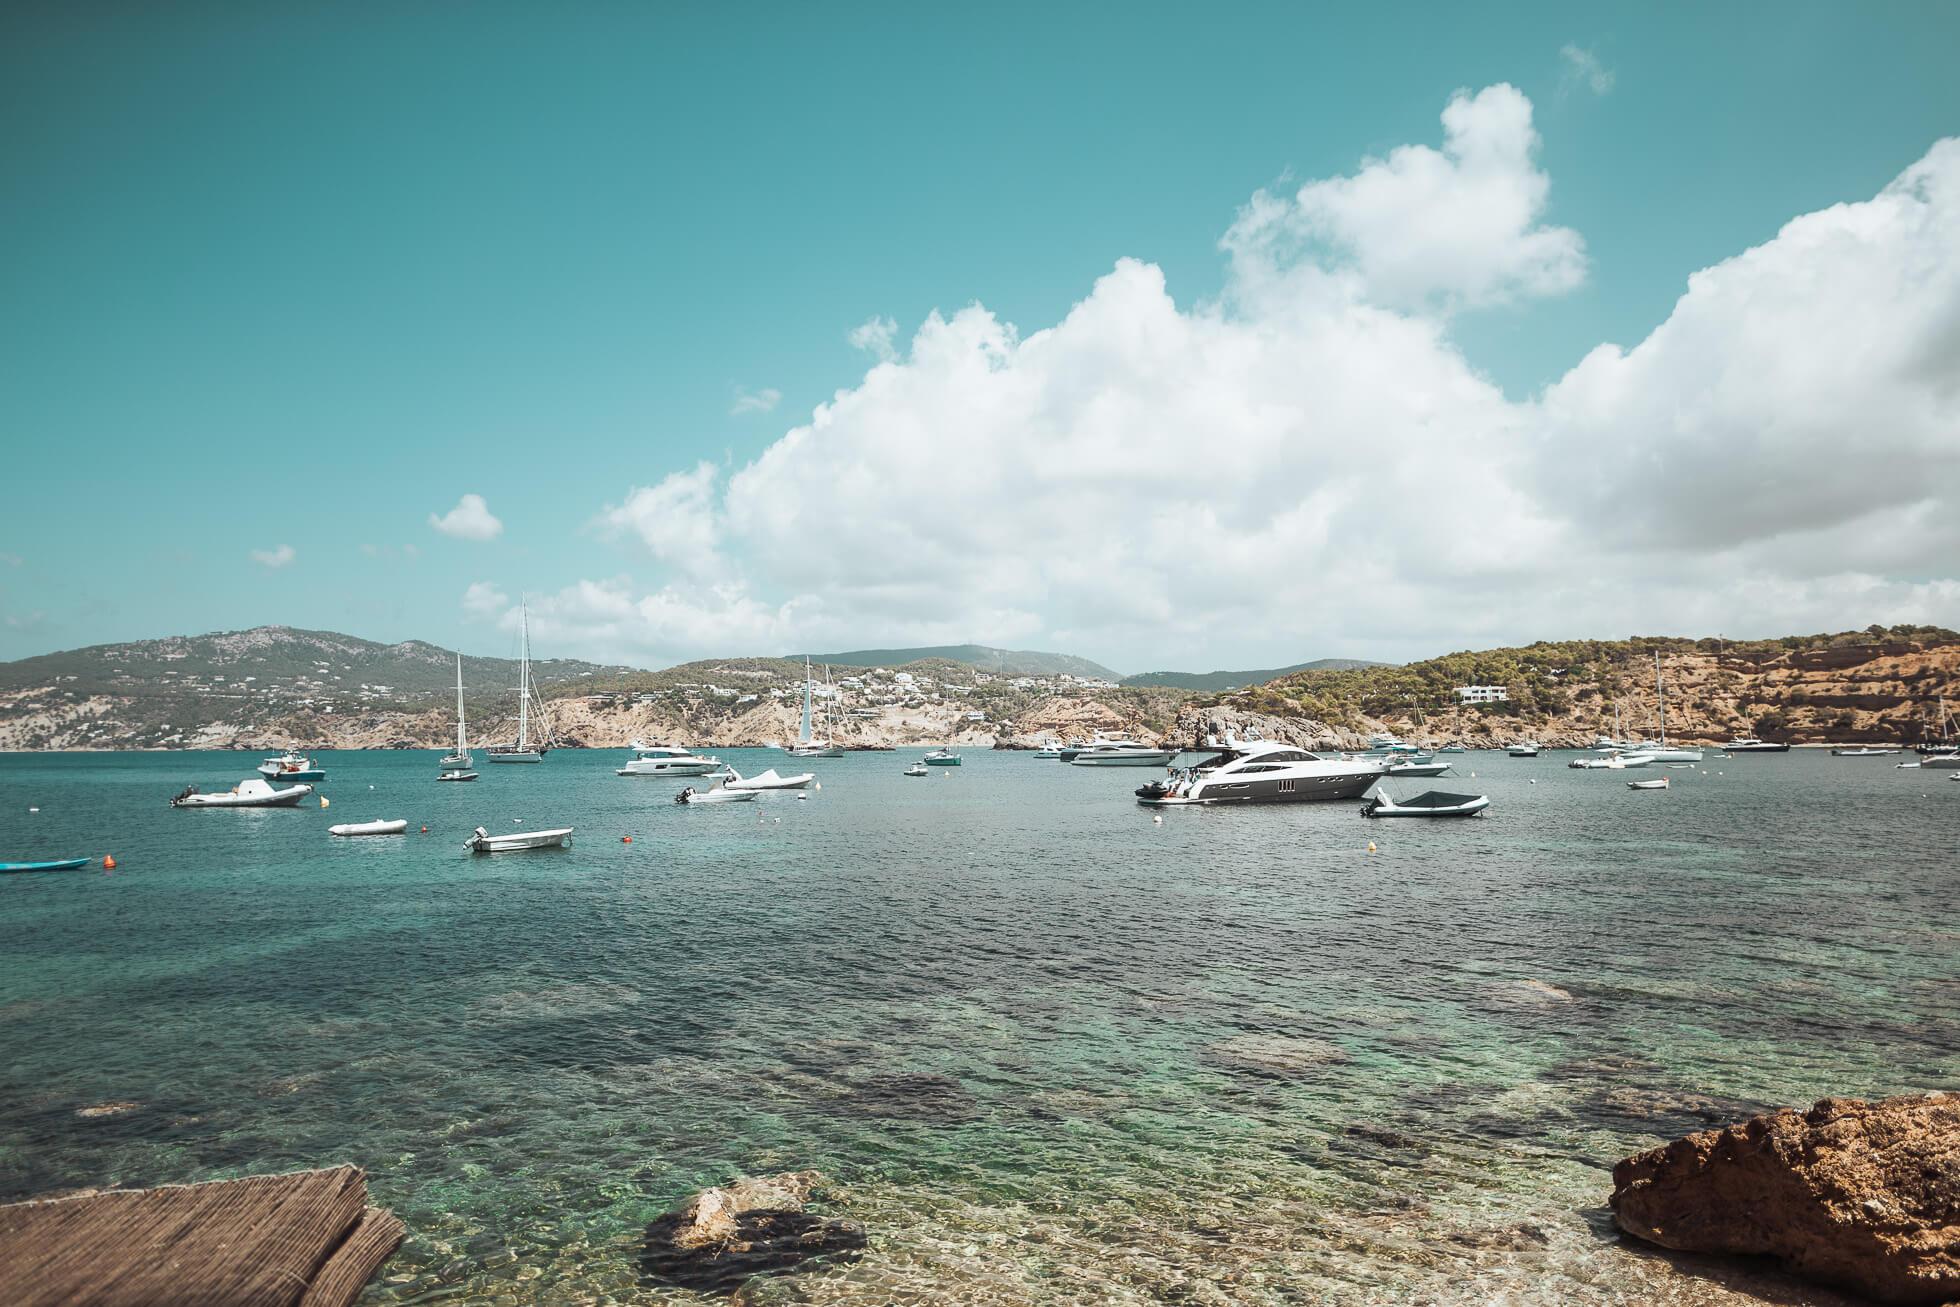 lördag natt krok upp på Ibiza